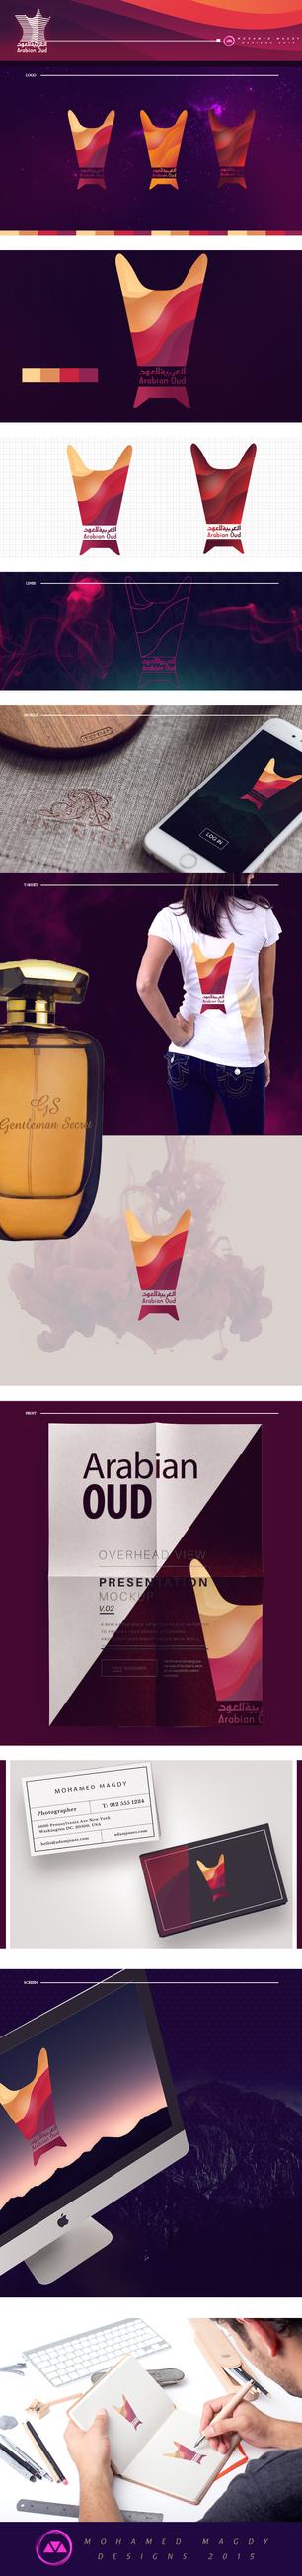 Arabian Oud Logo by mnoso90